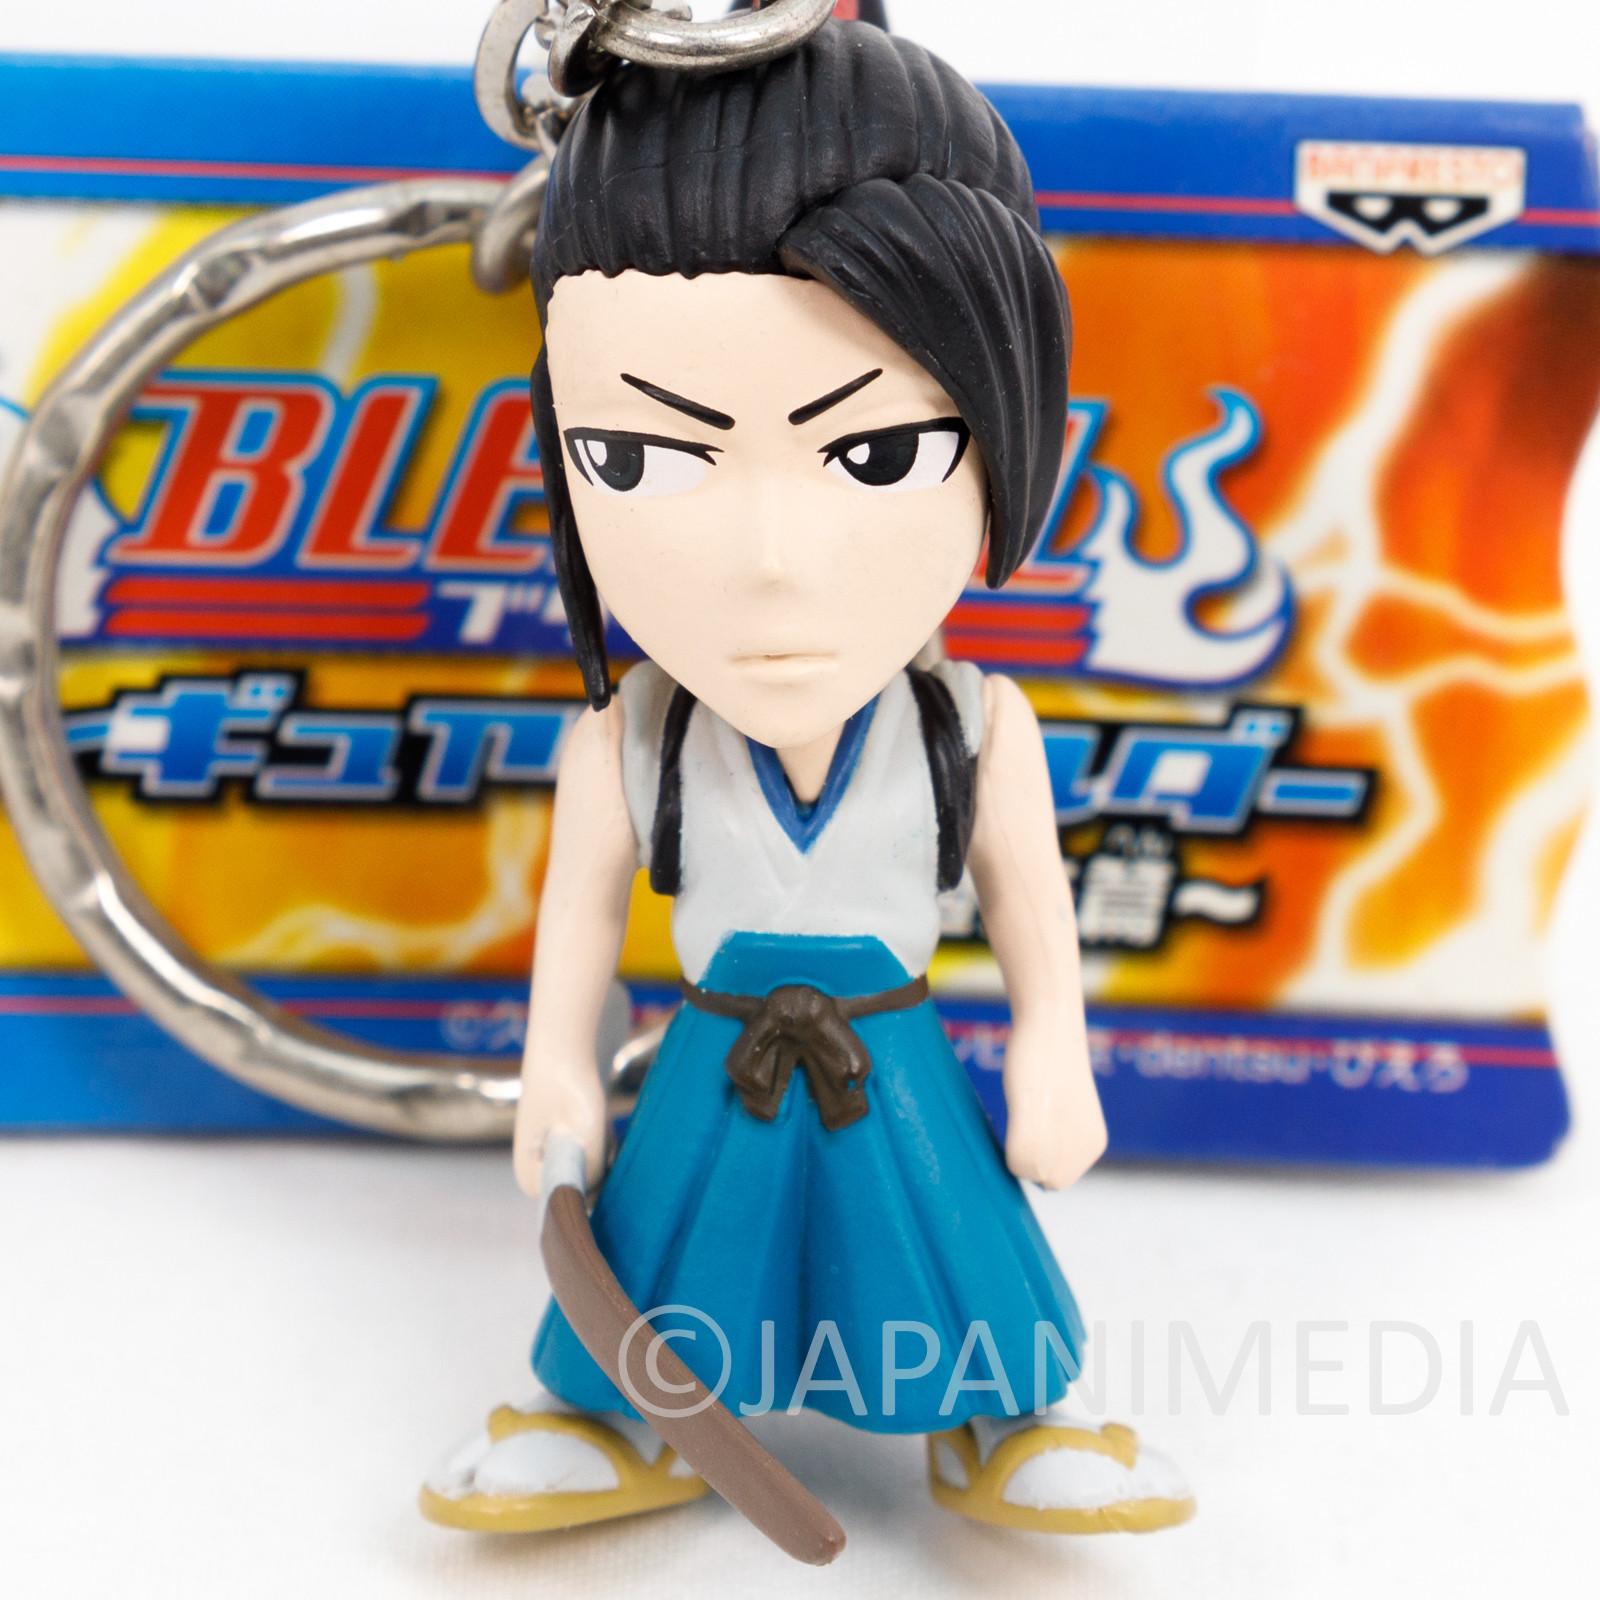 Bleach Byakuya Kuchiki Figure Keychain Banpresto JAPAN ANIME SHONEN JUMP